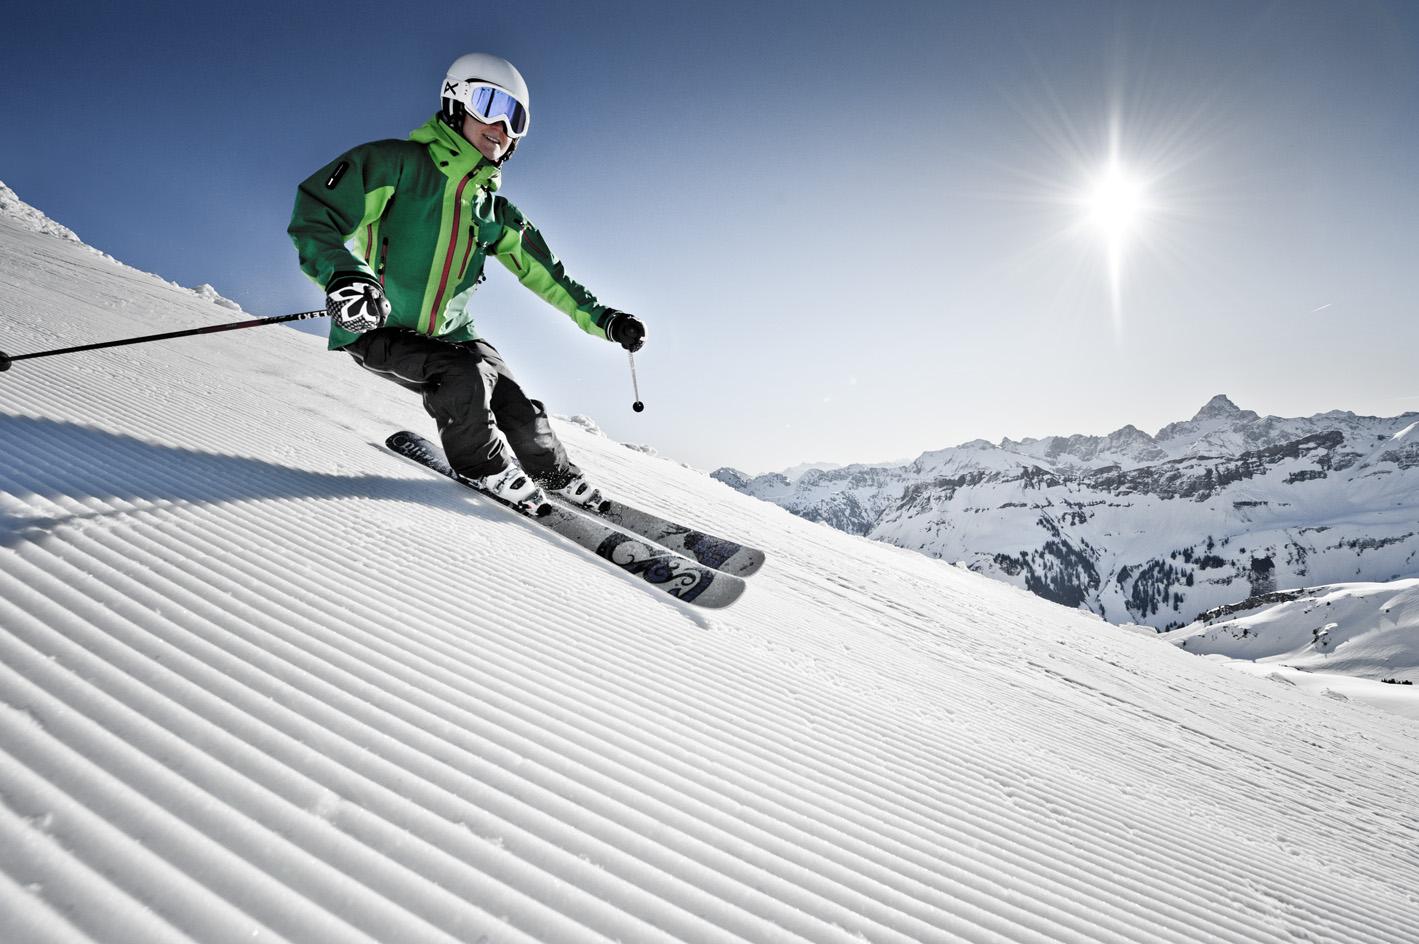 Skifahren im Allgäu auf bestens präparierten Pisten